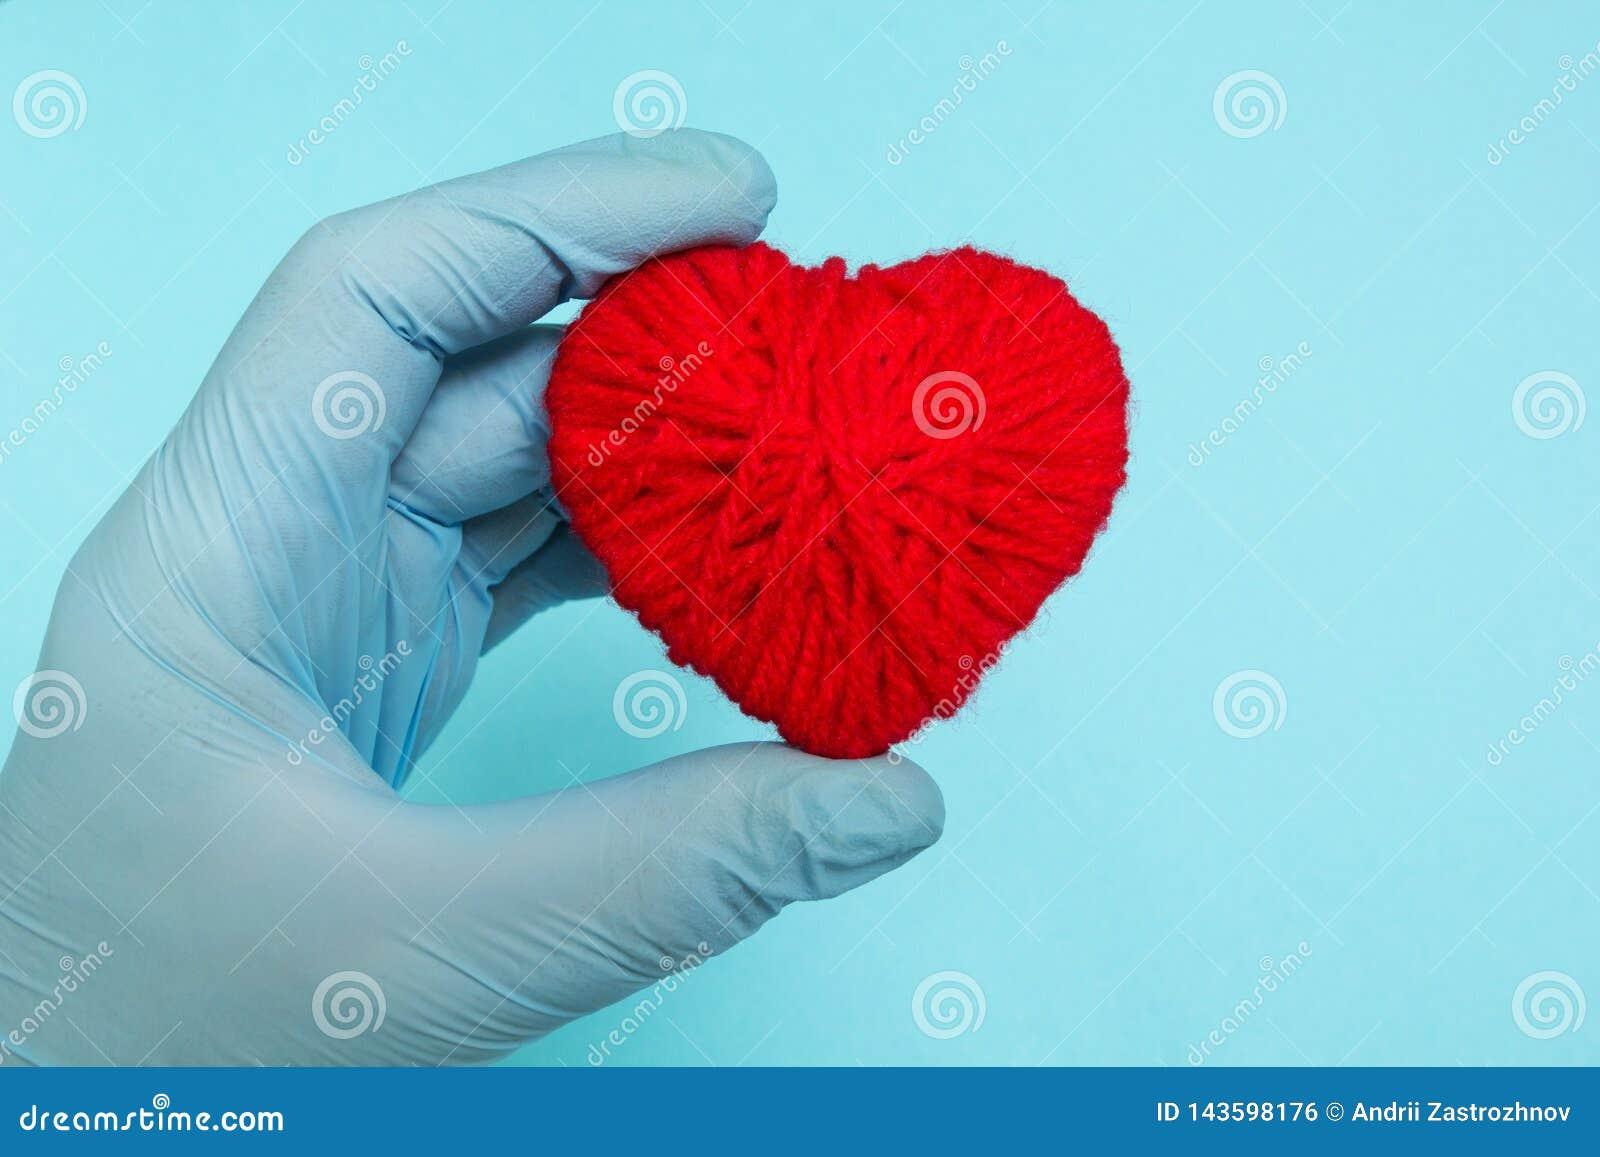 Rood hart in de hand van de arts op een blauwe achtergrond, concept